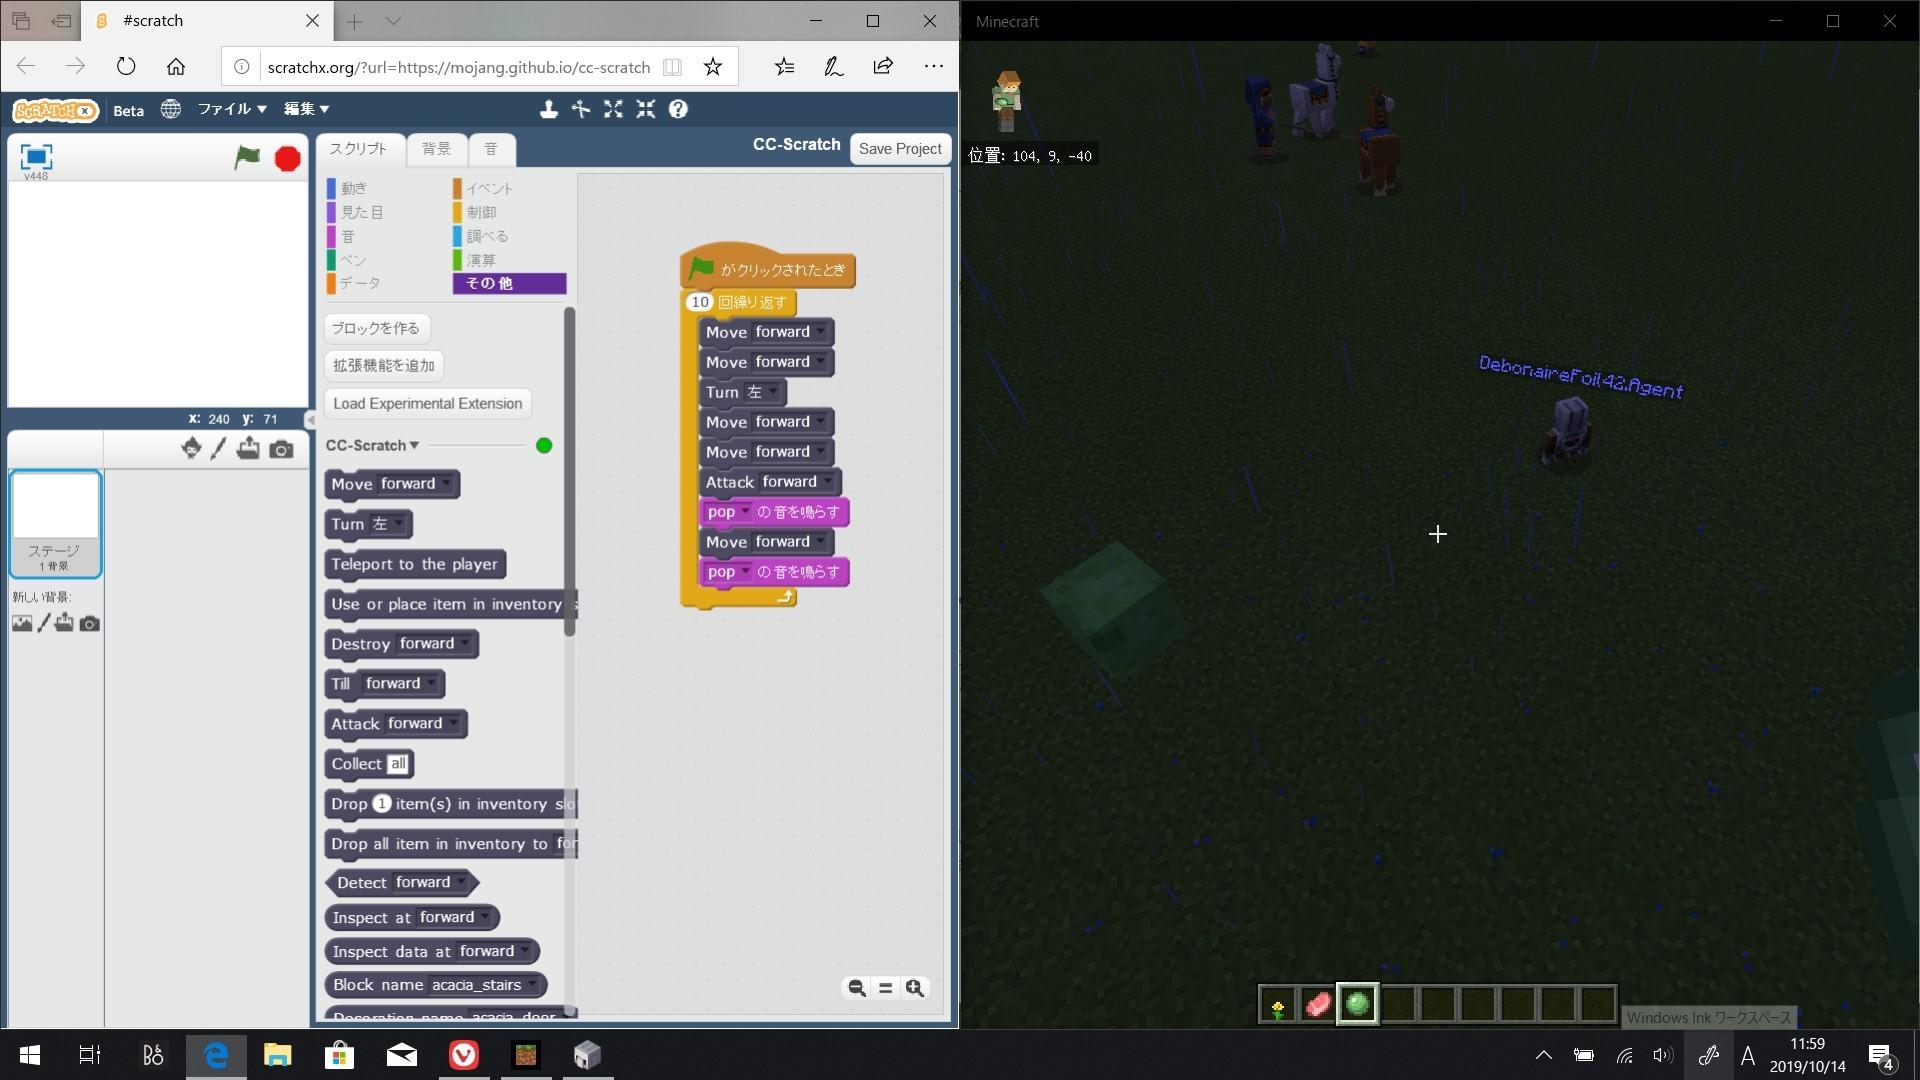 スクラッチXでマインクラフト上のエージェントの動きをプログラミング中の様子